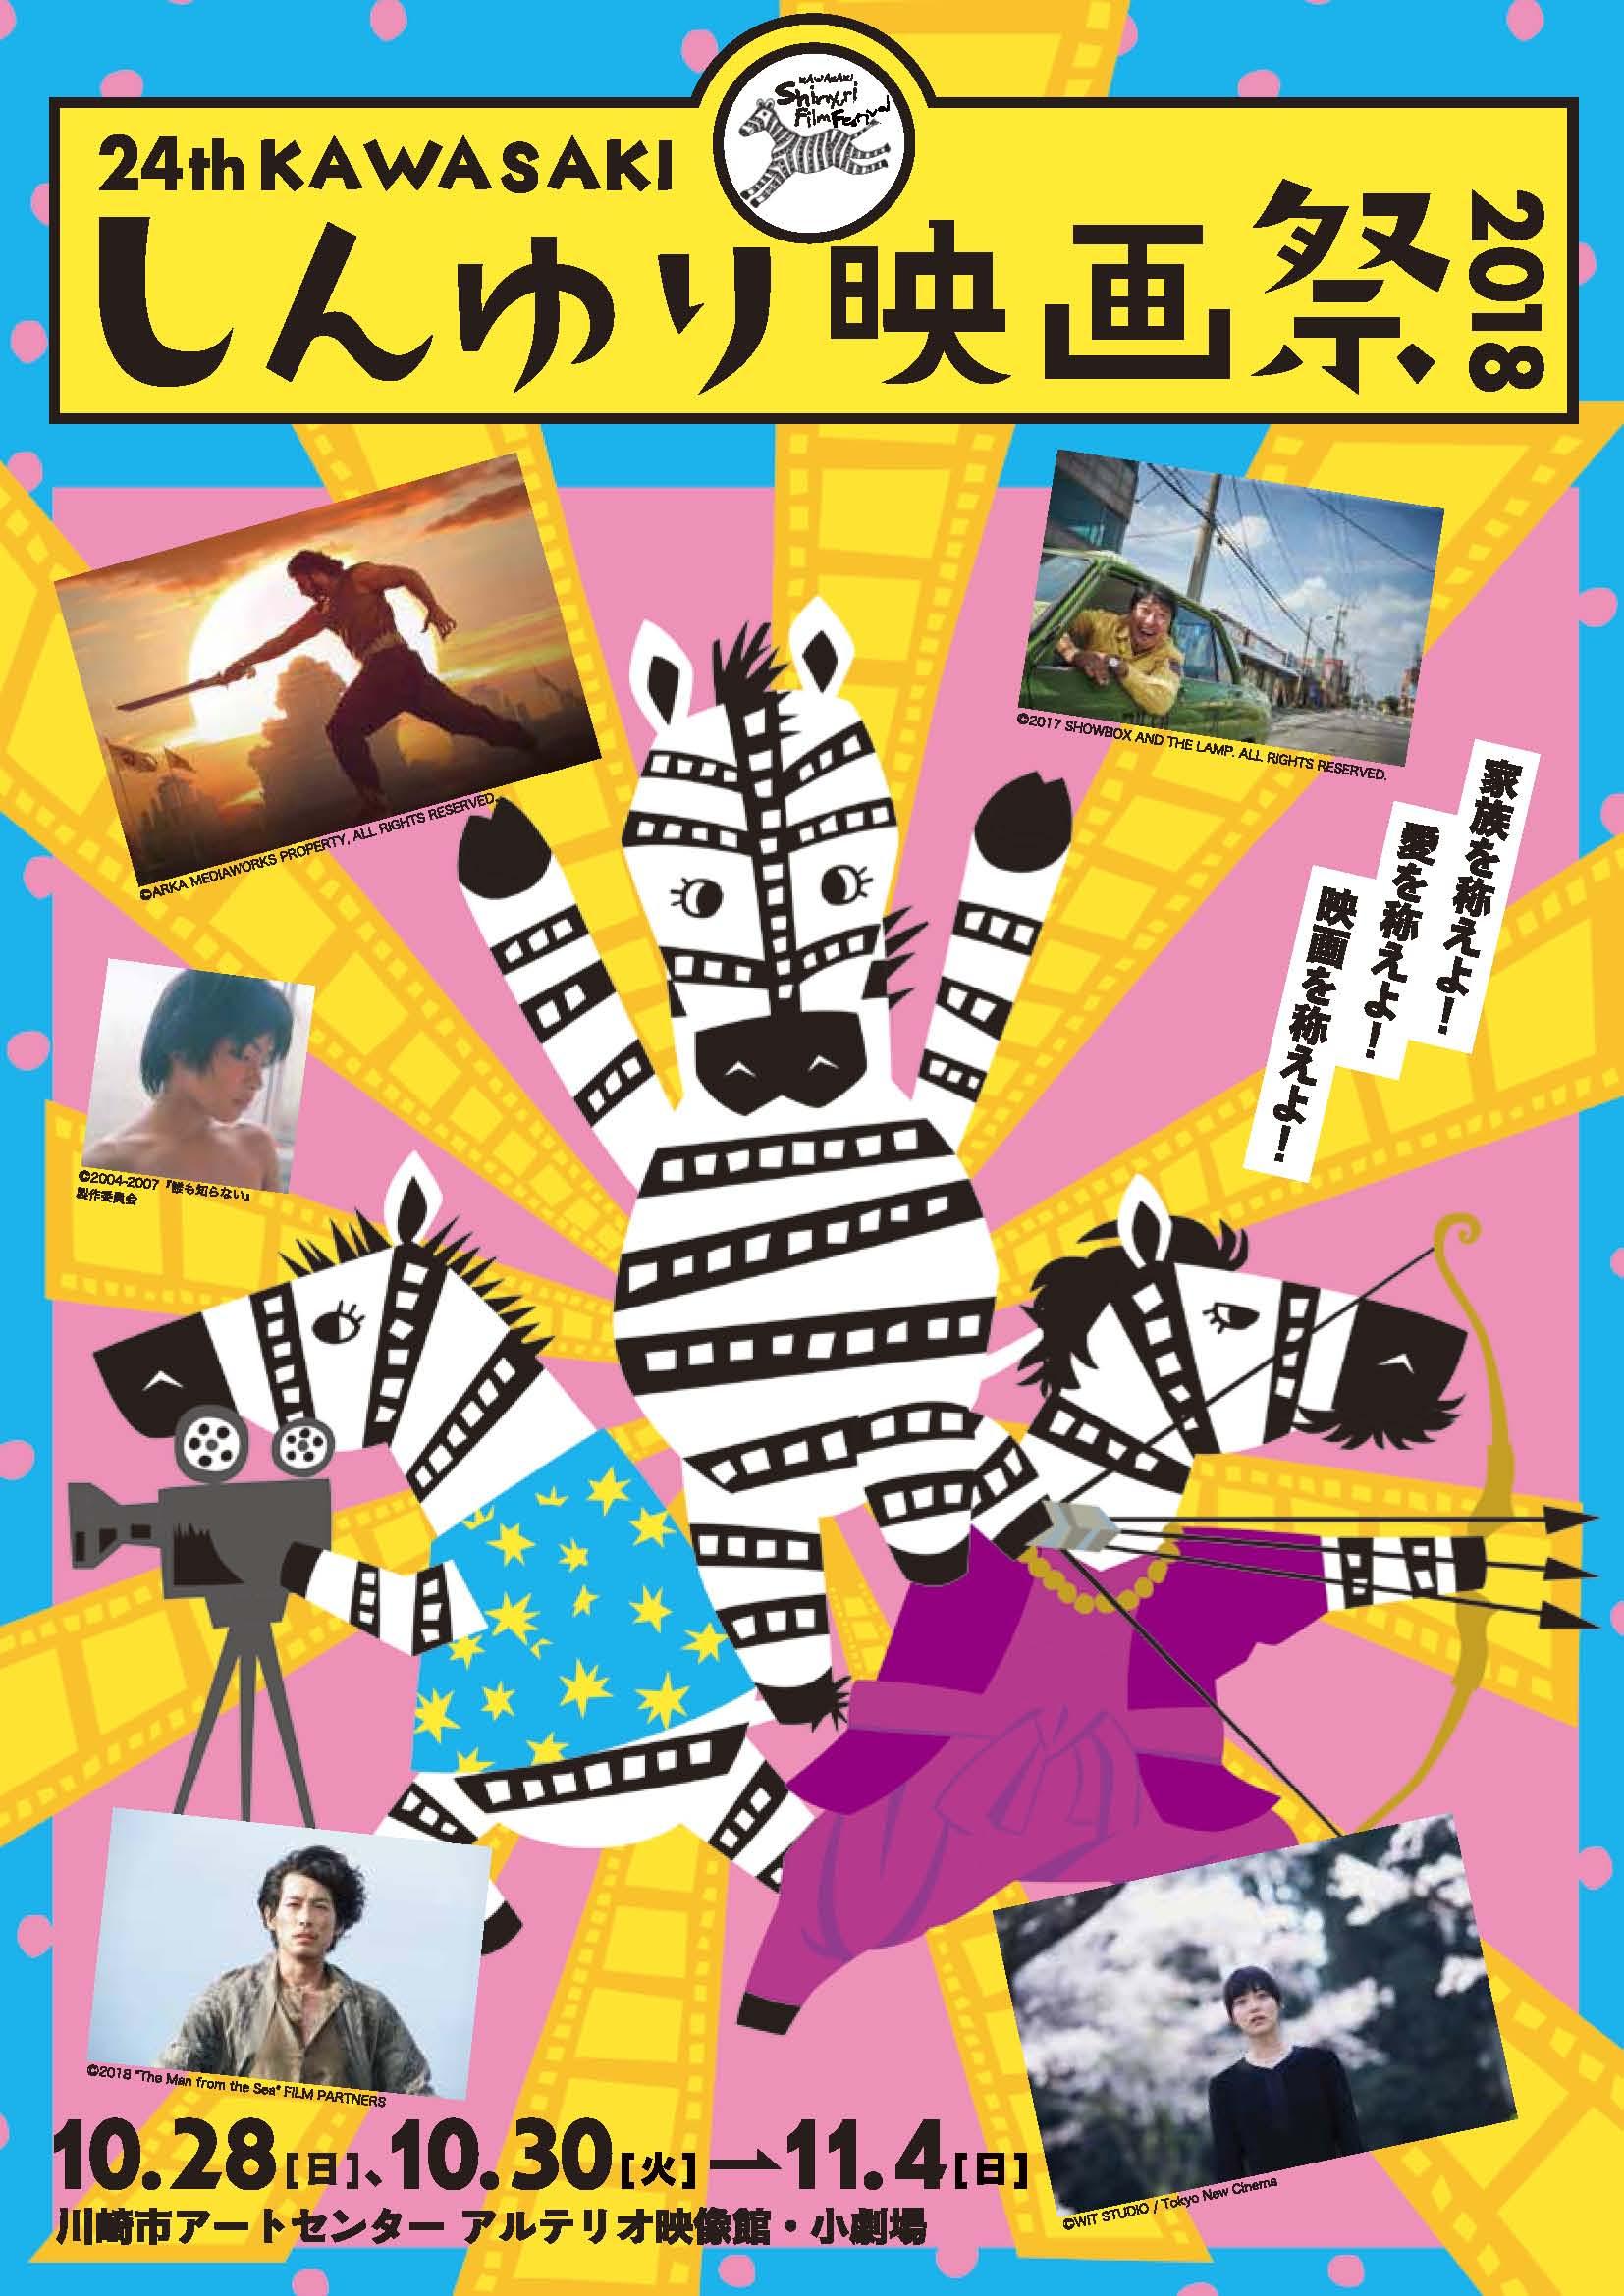 10/28〜11/4】第24回KAWASAKIしんゆり映画祭2018が開催!「家族」「愛 ...